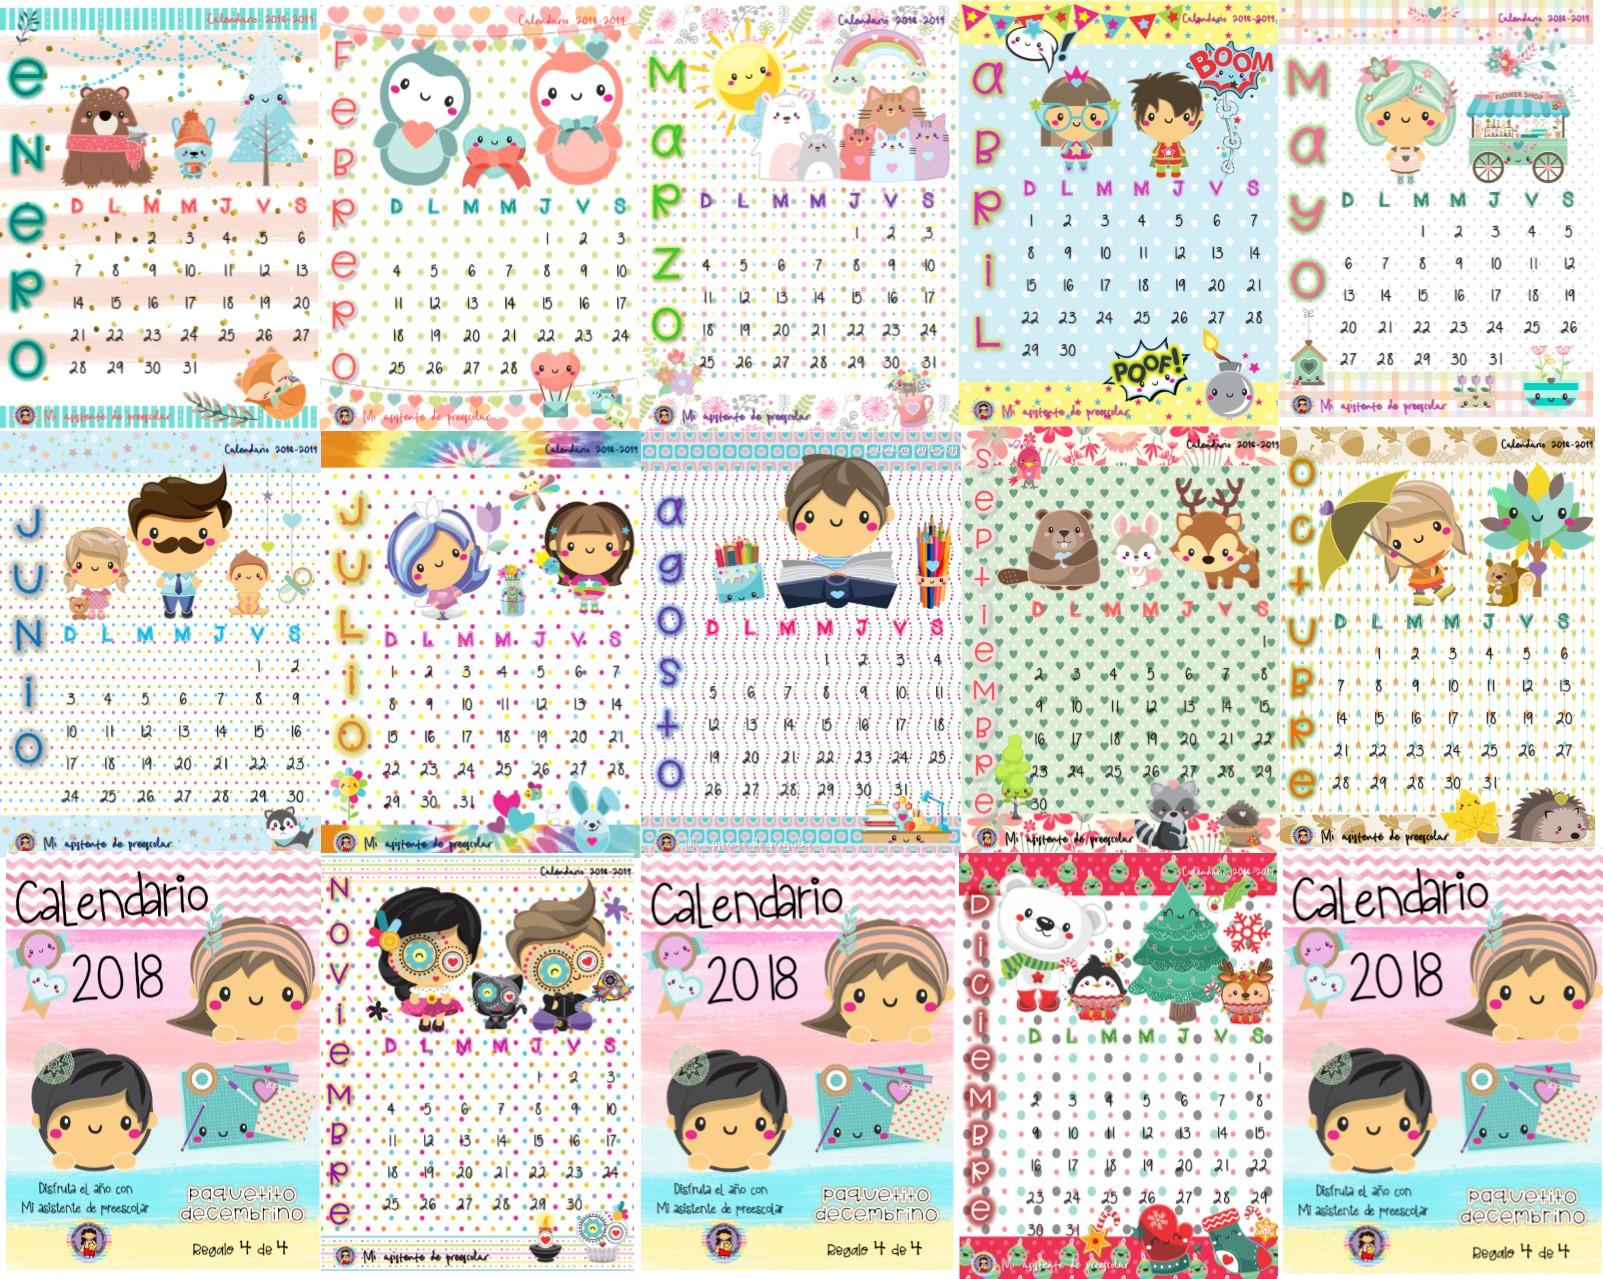 Calendarios 2018 Bonitos